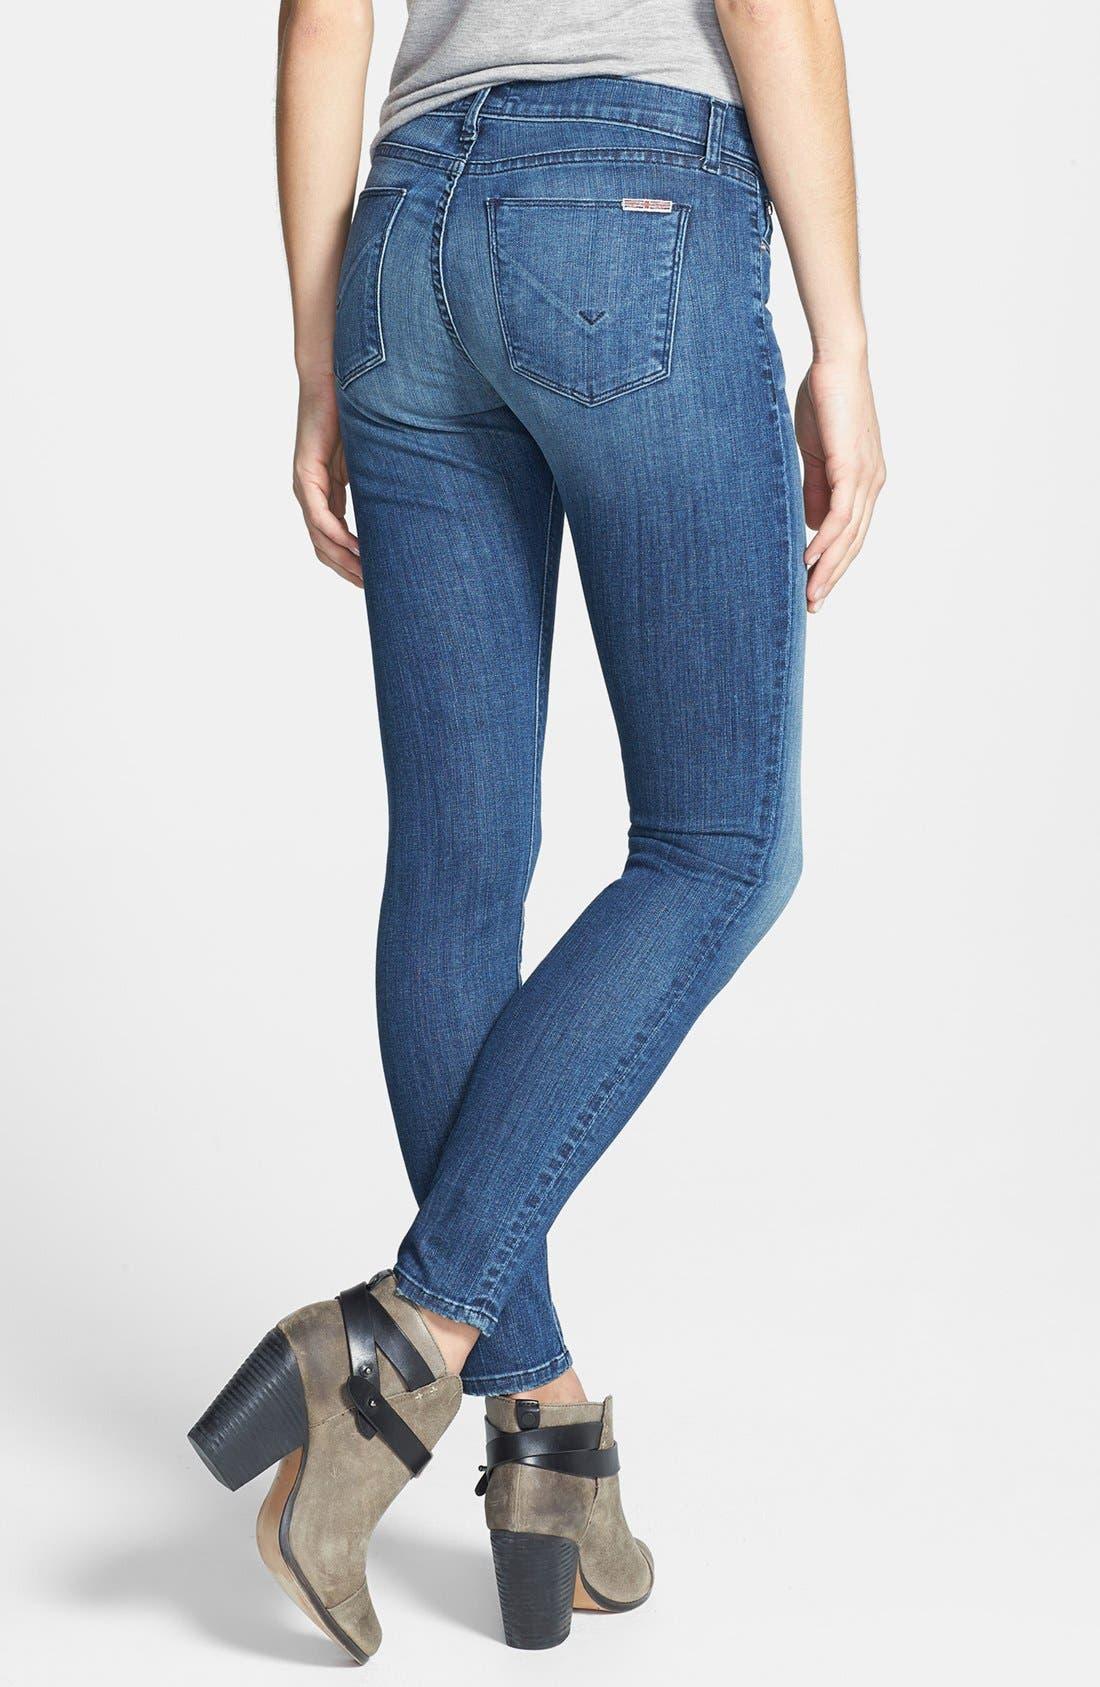 Alternate Image 2  - Hudson Jeans 'Krista' Super Skinny Jeans (Supervixen)